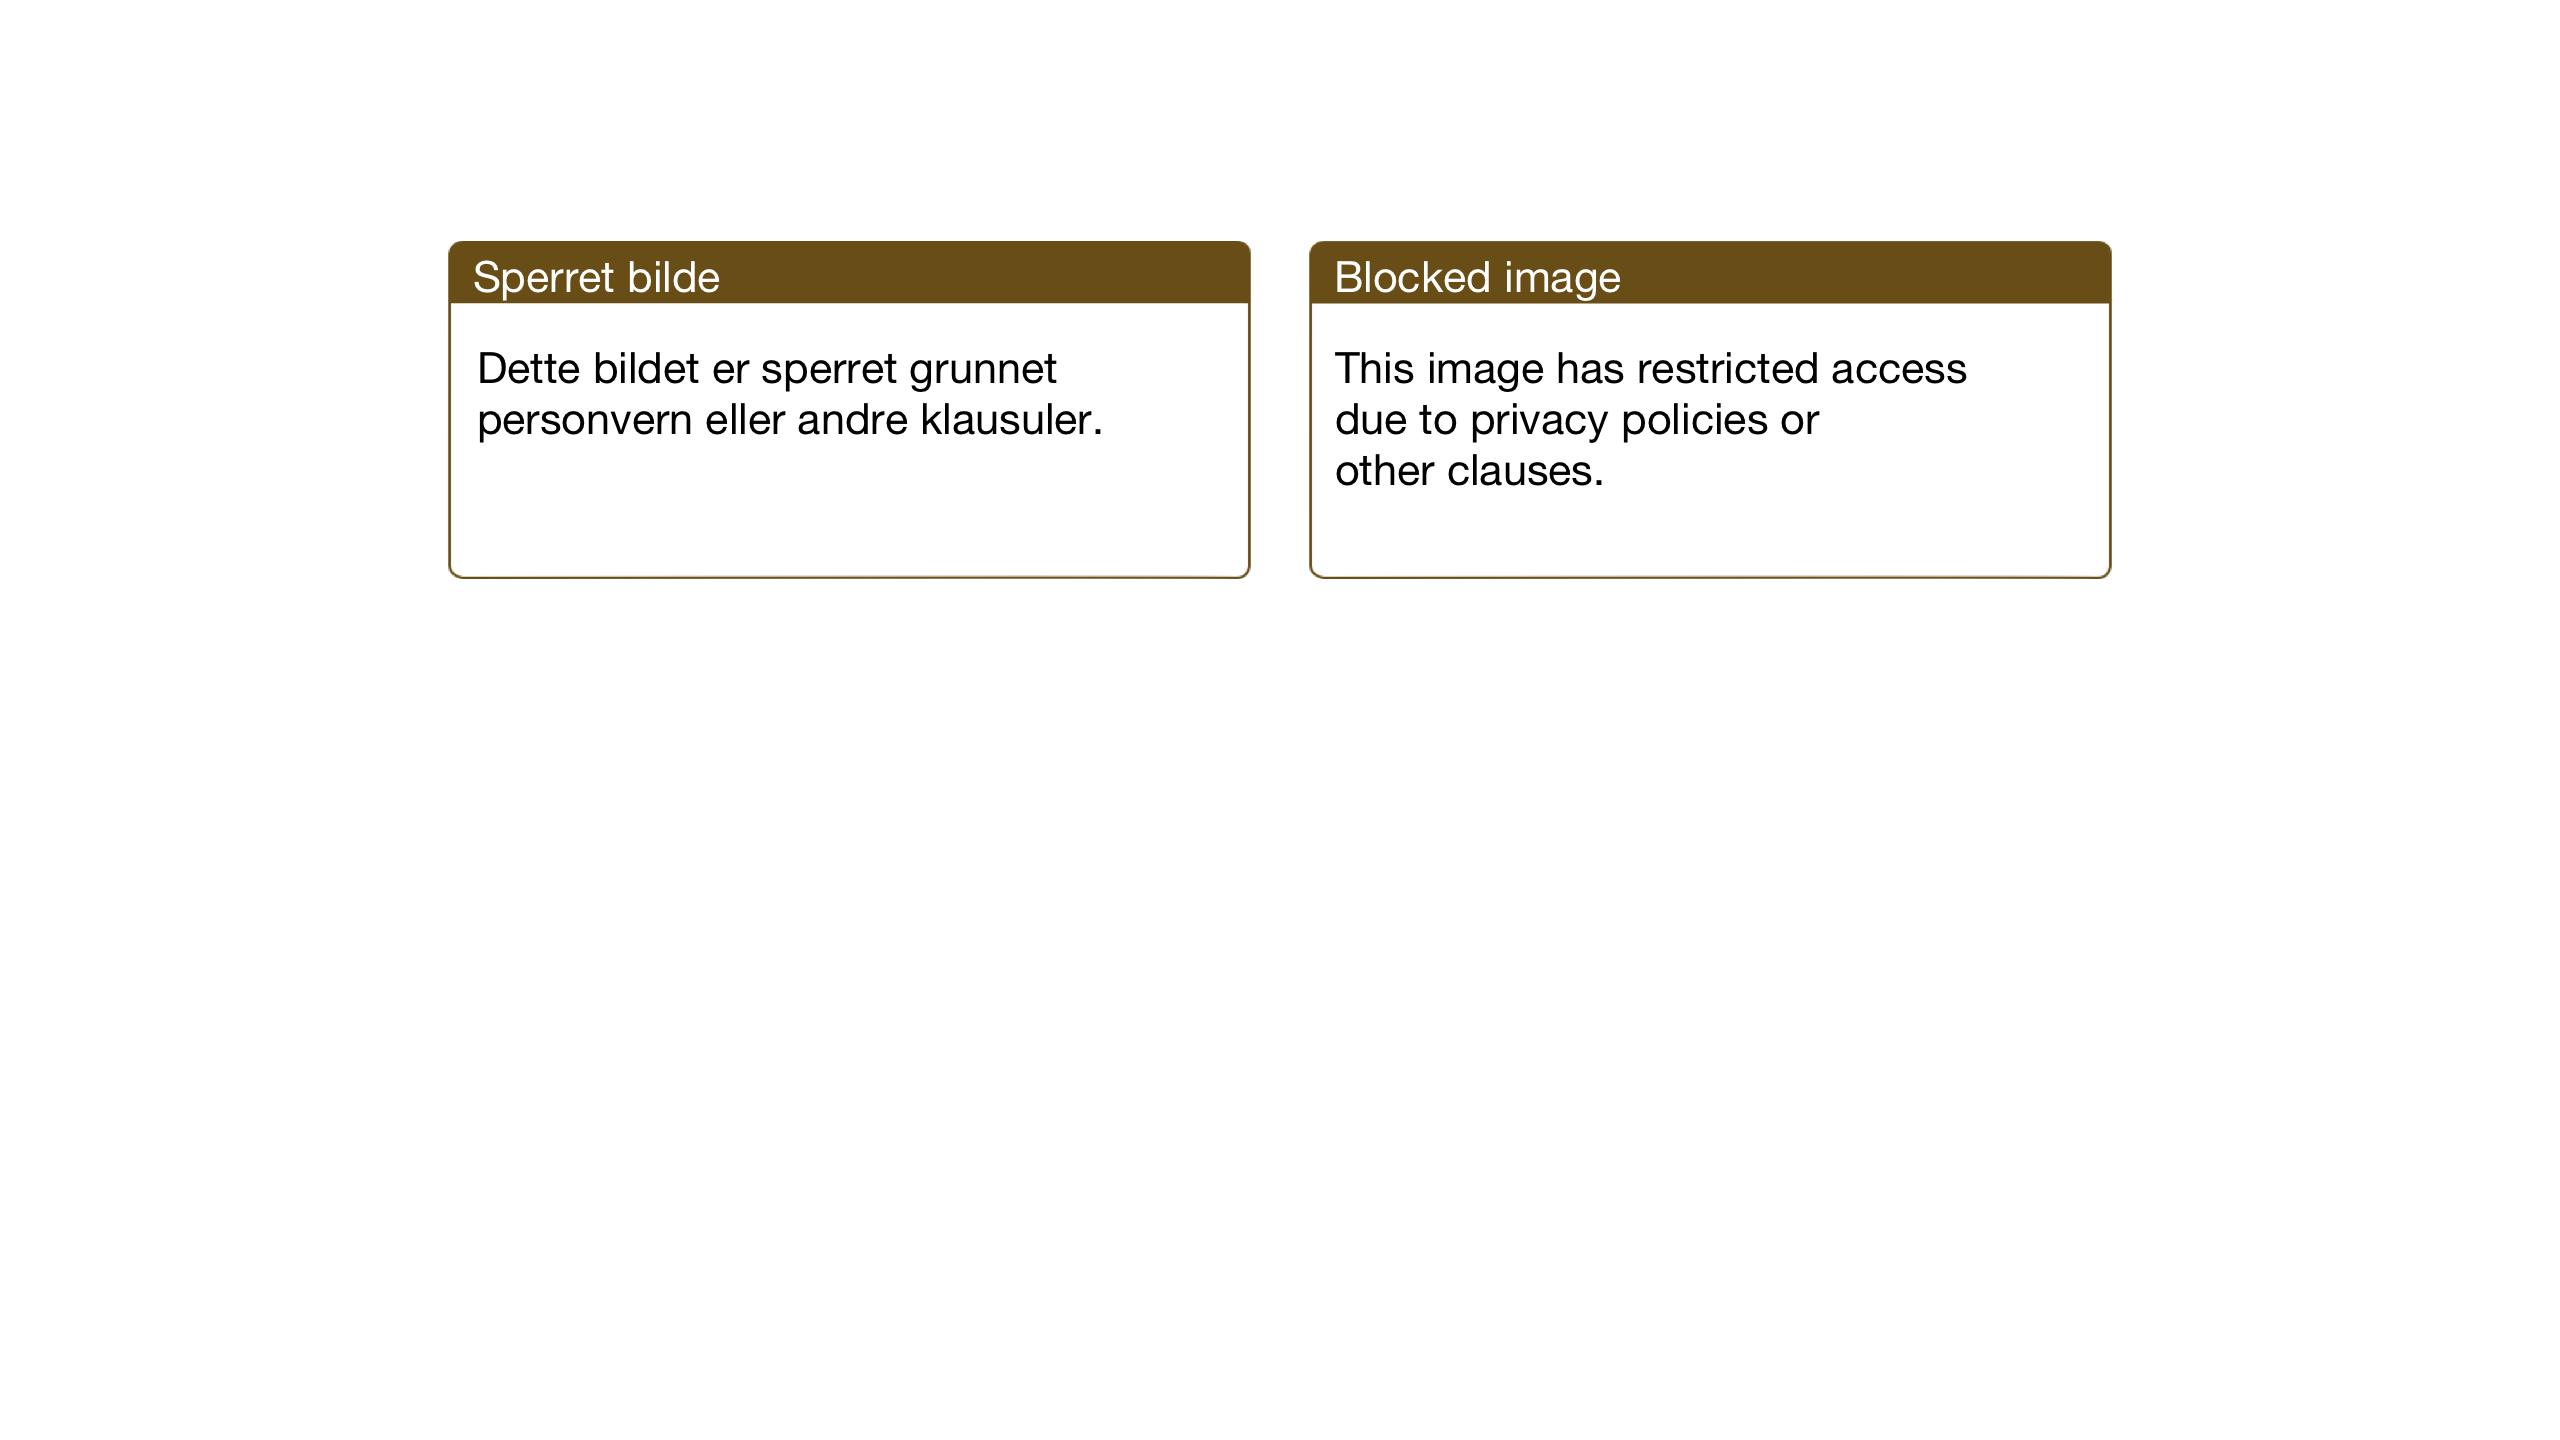 SAT, Ministerialprotokoller, klokkerbøker og fødselsregistre - Nord-Trøndelag, 733/L0328: Klokkerbok nr. 733C03, 1919-1966, s. 101